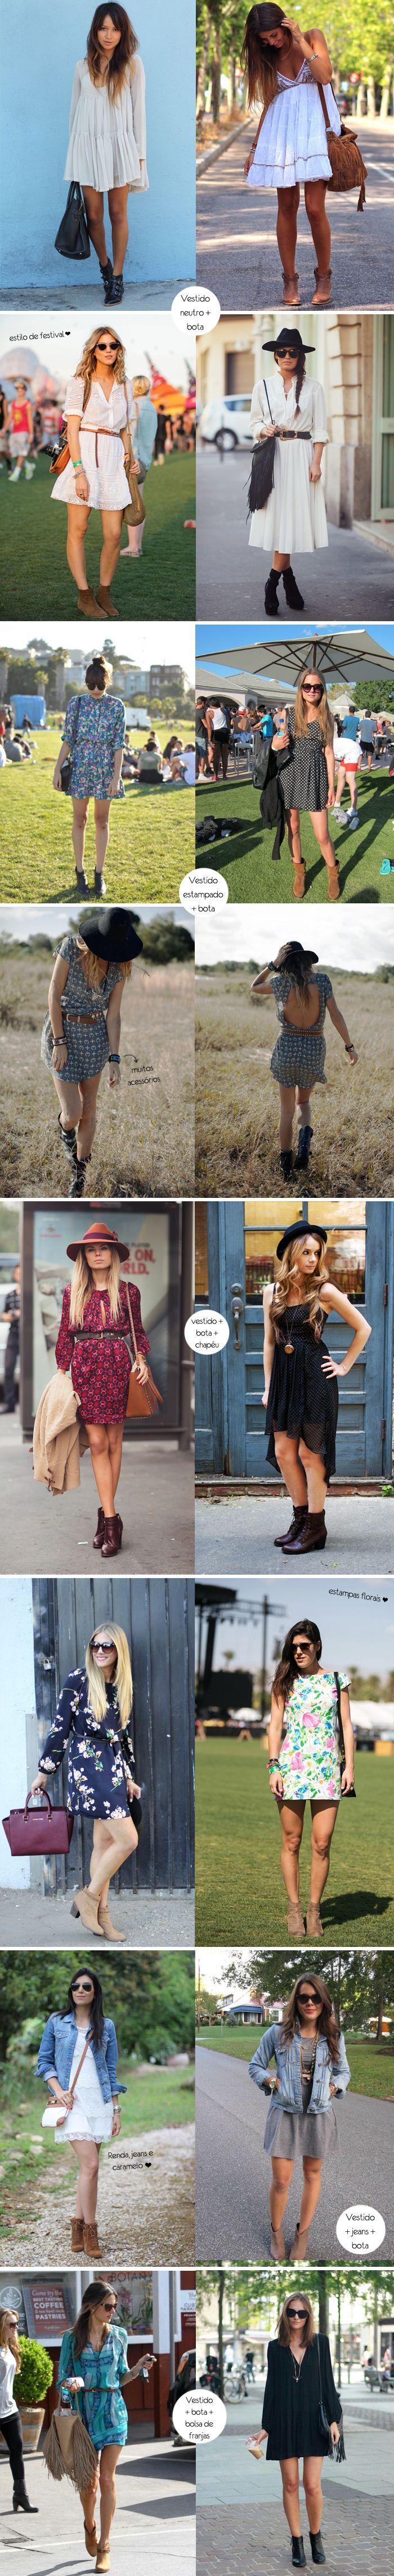 Inspiração como usar vestido + bota